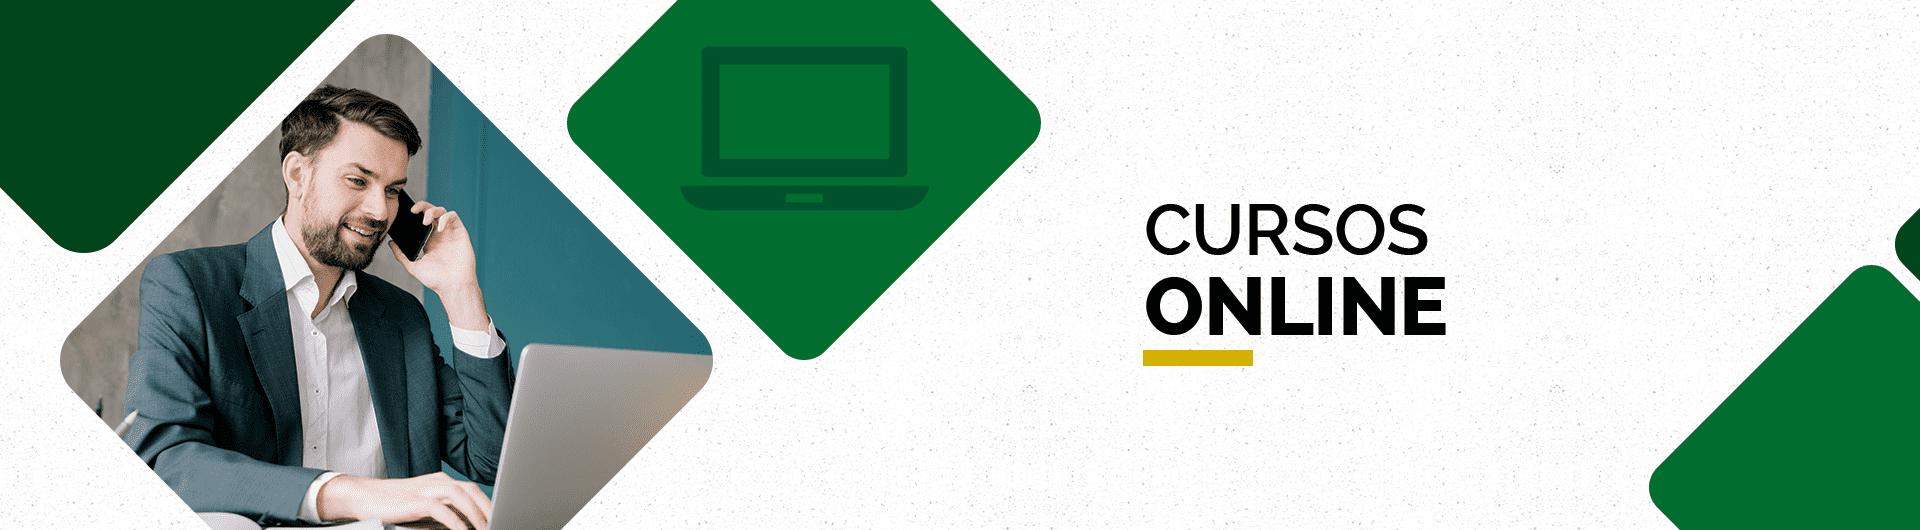 Cursos Online - Portal de Auditoria